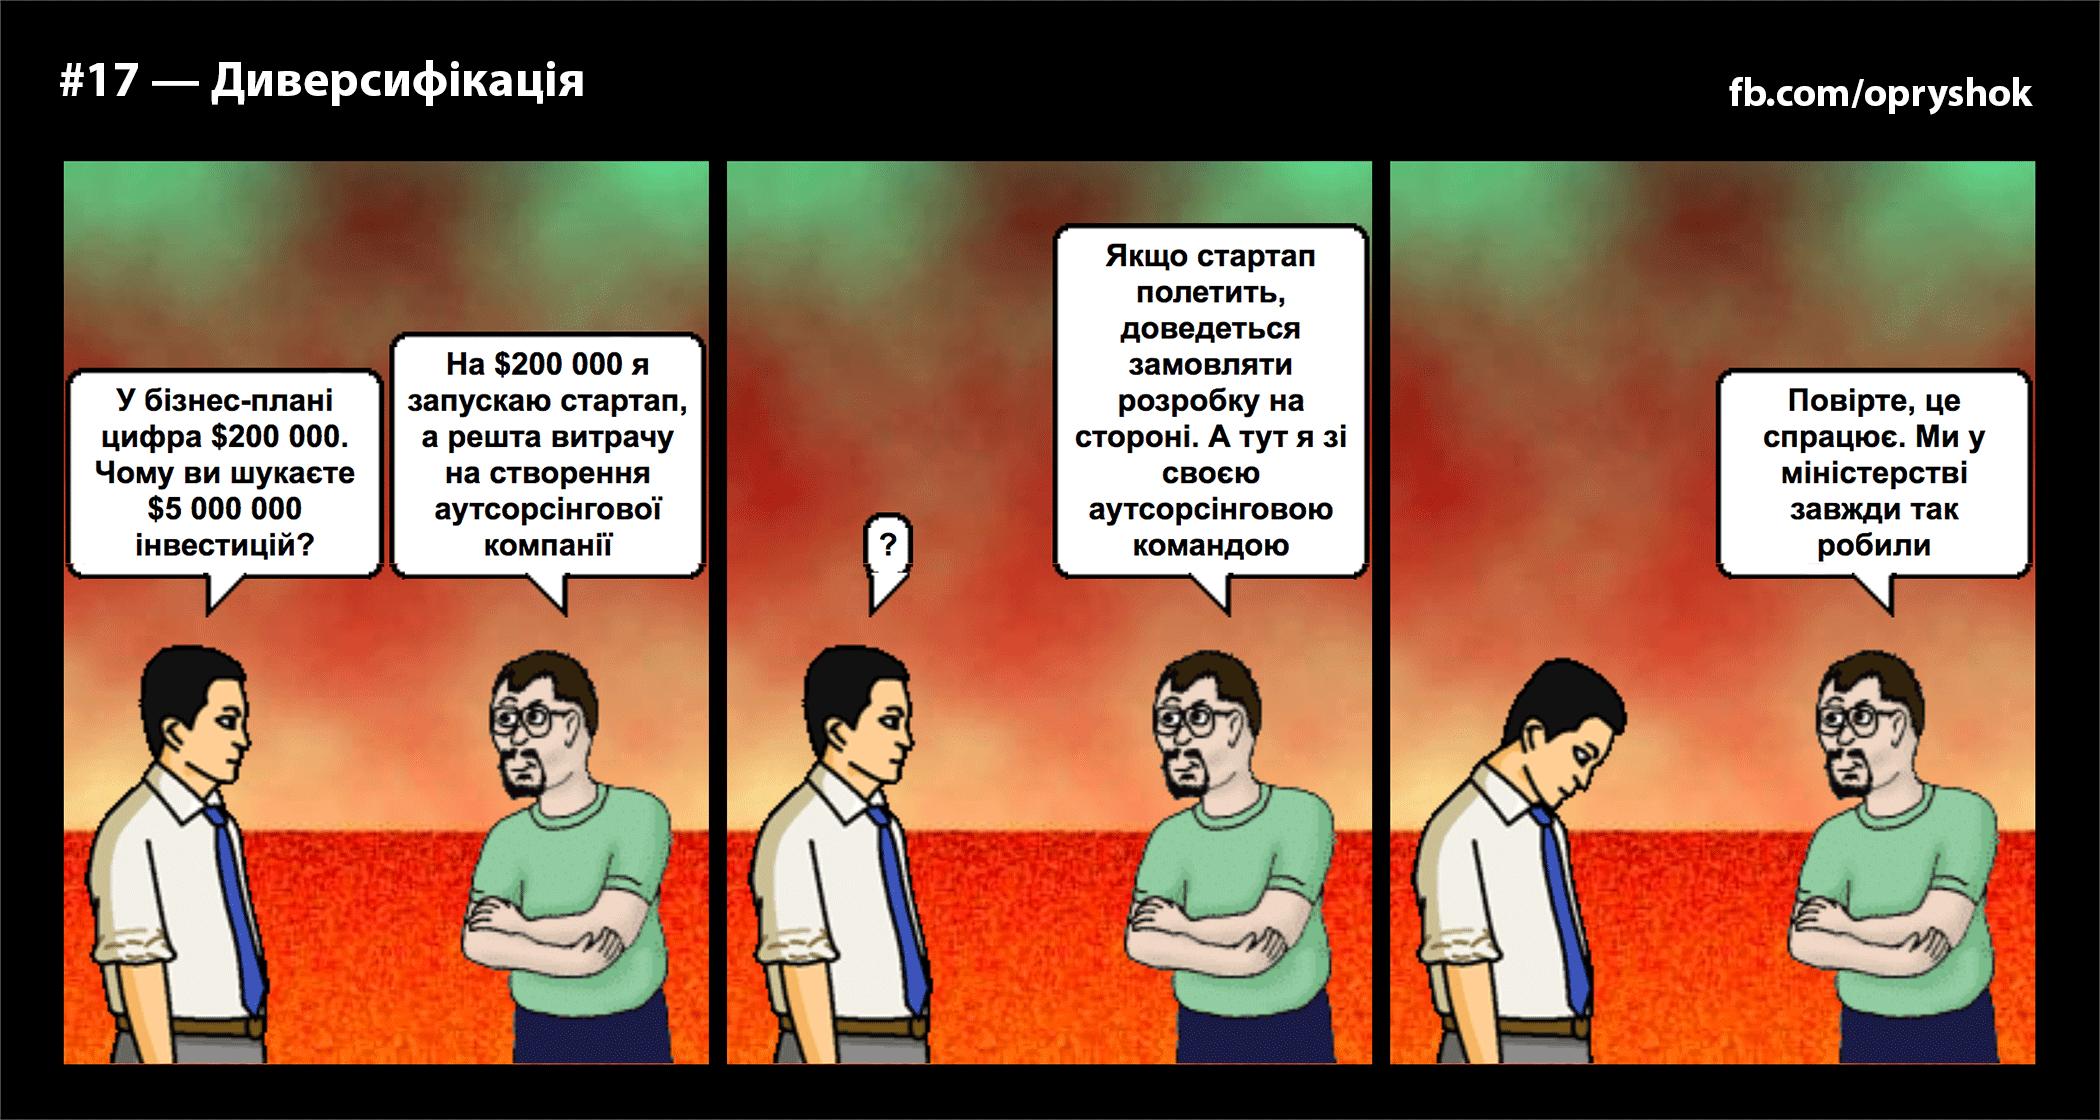 Деструктивні меми венчурної галузі у коміксах. #17